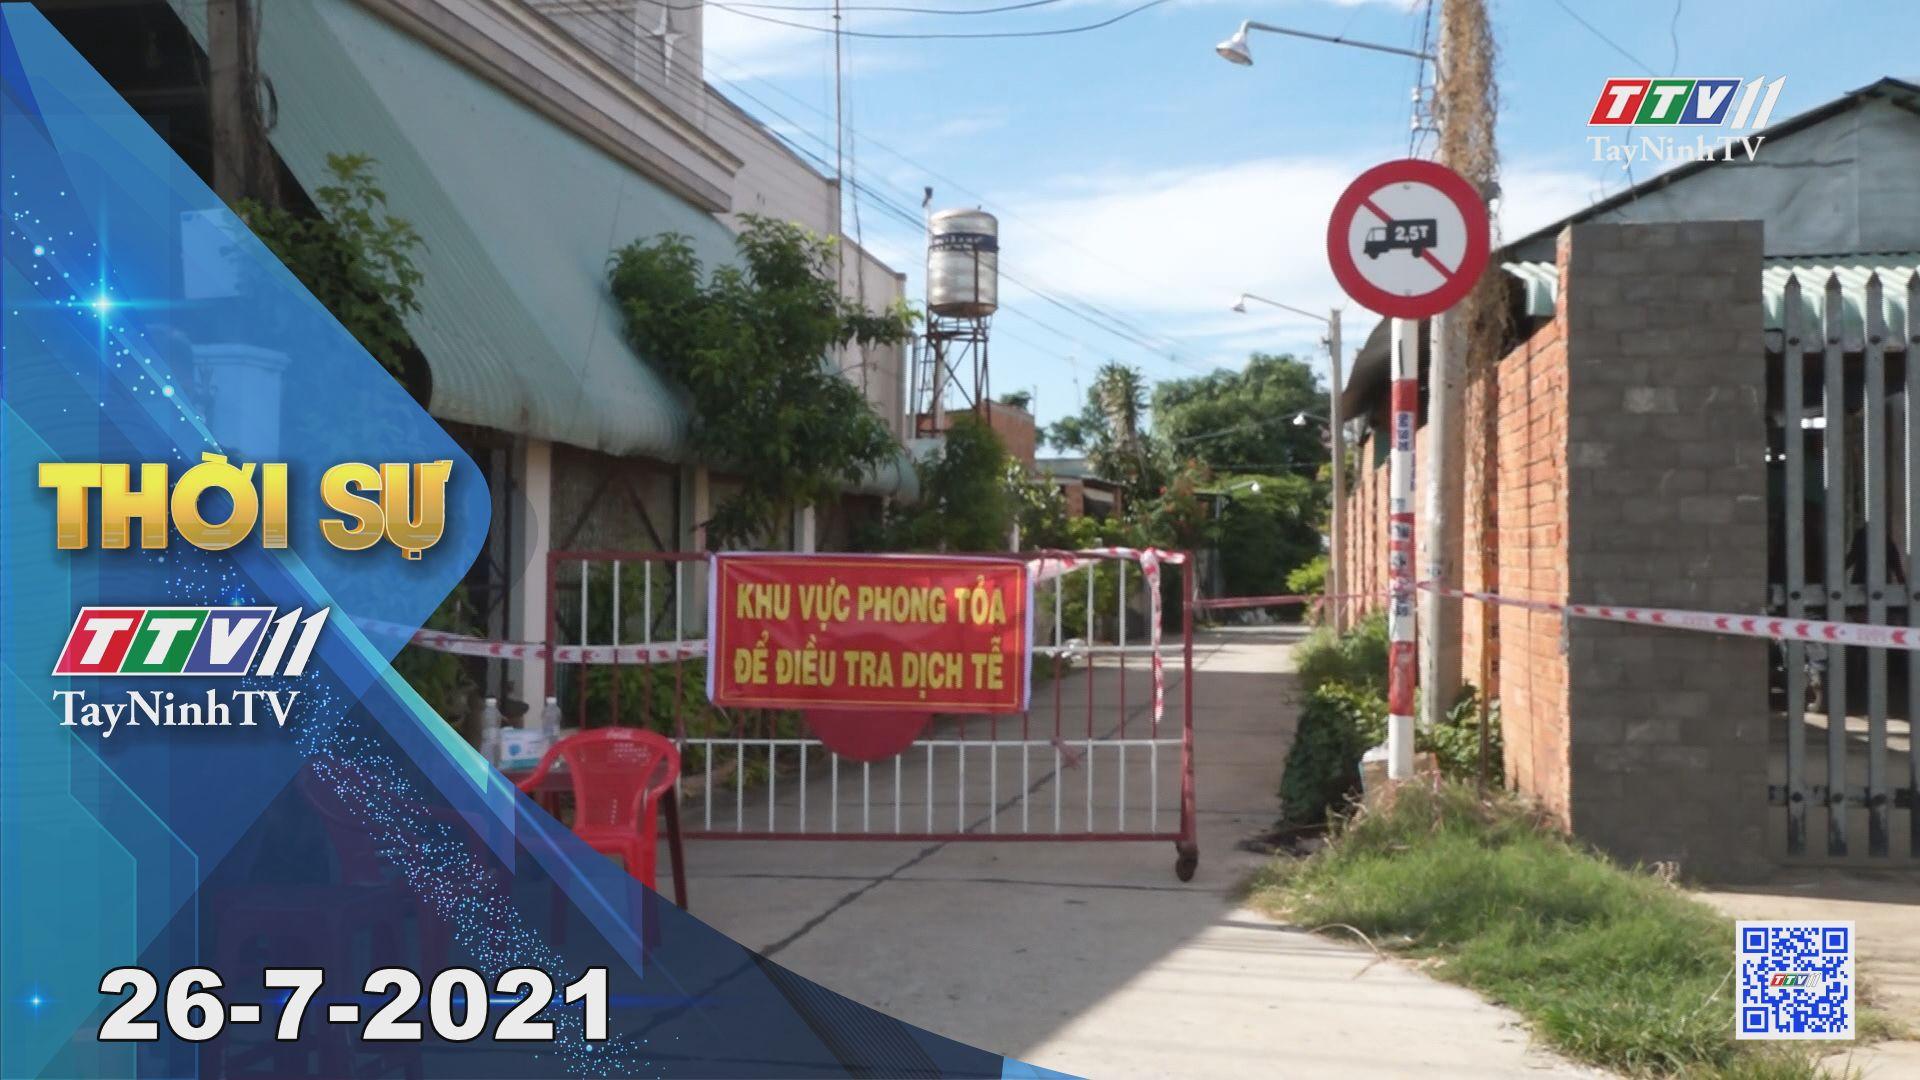 Thời sự Tây Ninh 26-7-2021 | Tin tức hôm nay | TayNinhTV